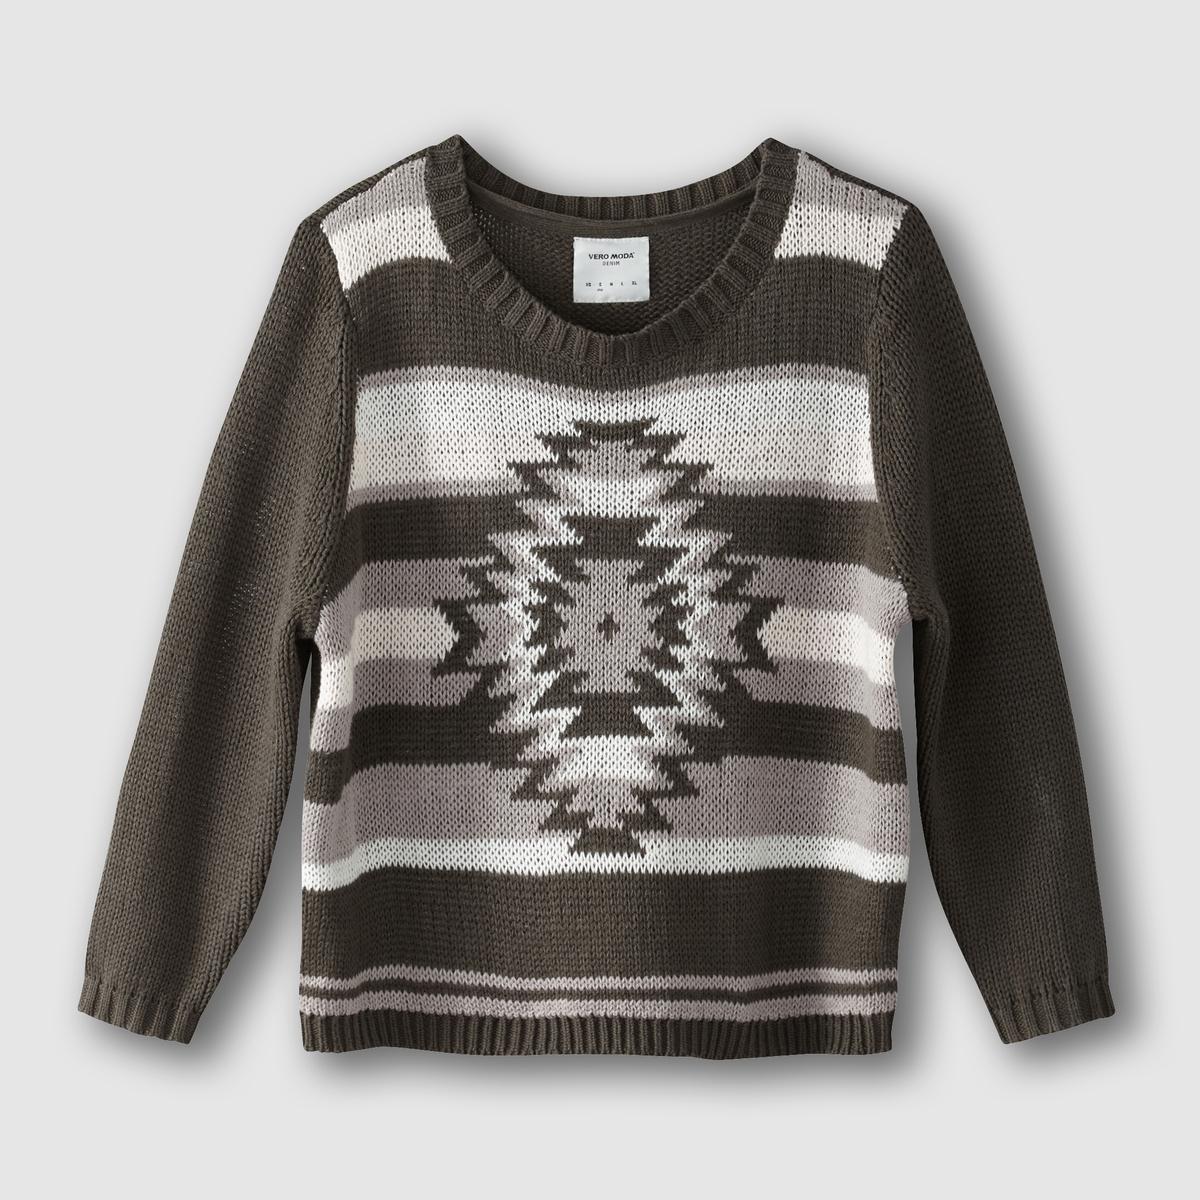 Пуловер с этническим орнаментом и круглым вырезом VERO MODA, VMjaneyСостав и описание :Материал : 60% хлопка, 40% акрила.Марка : VERO MODA.<br><br>Цвет: хаки